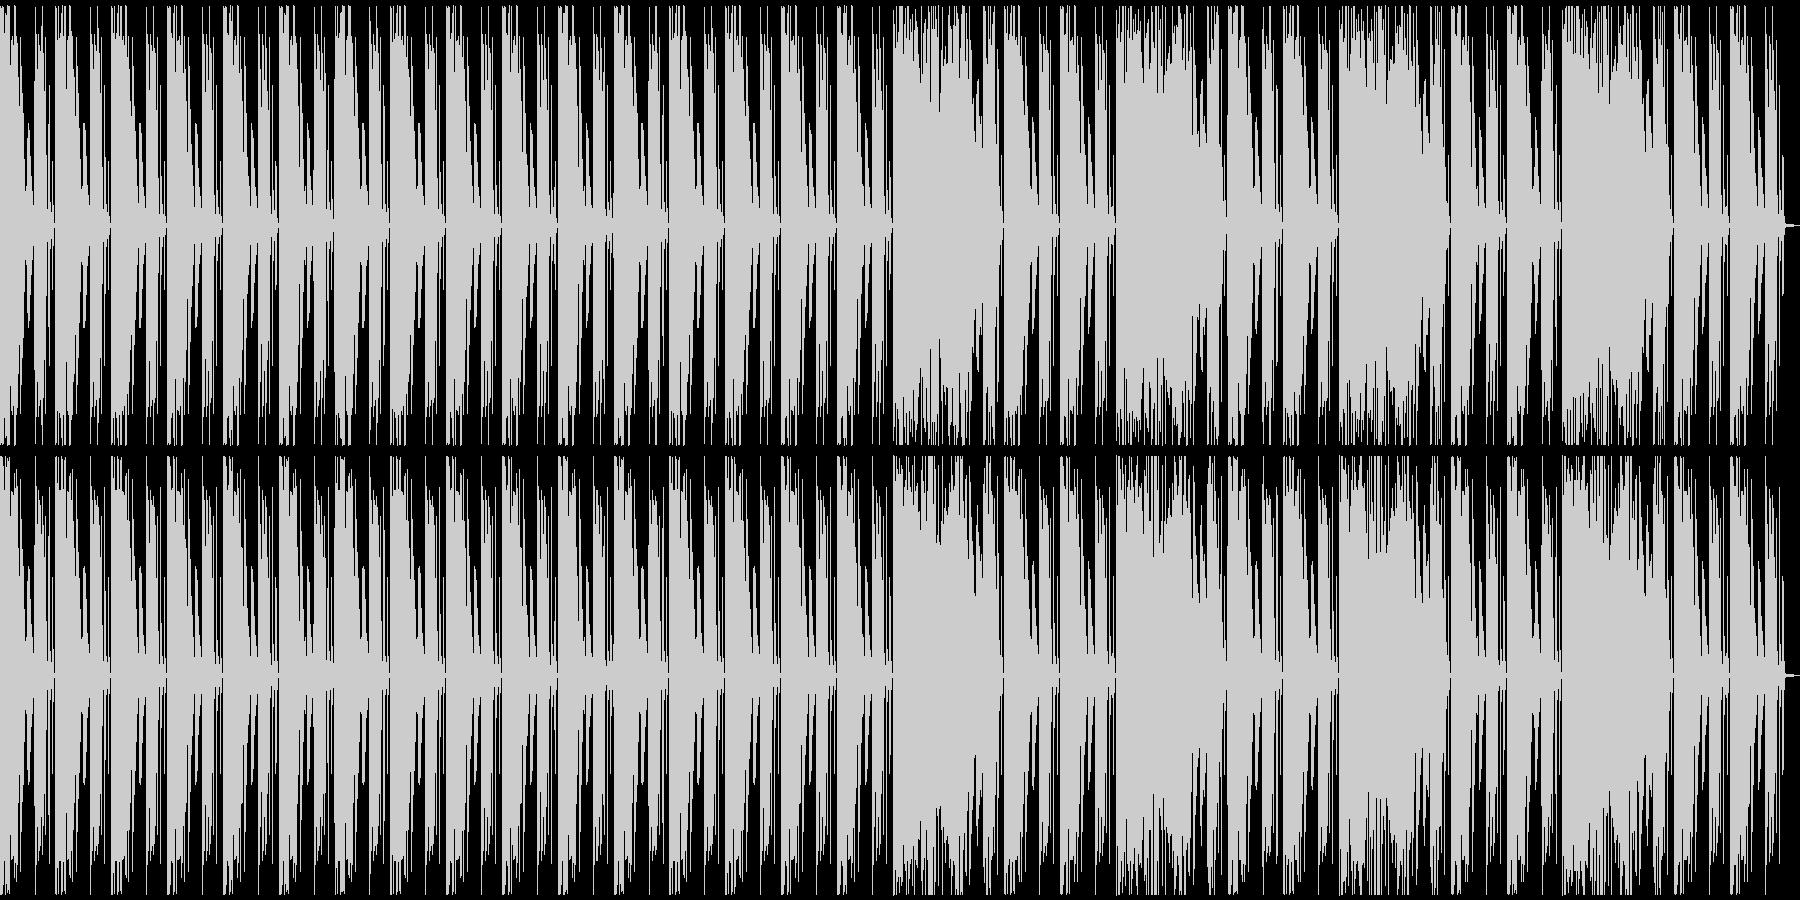 【エレクトロニカ】テクノ、ロング4の未再生の波形